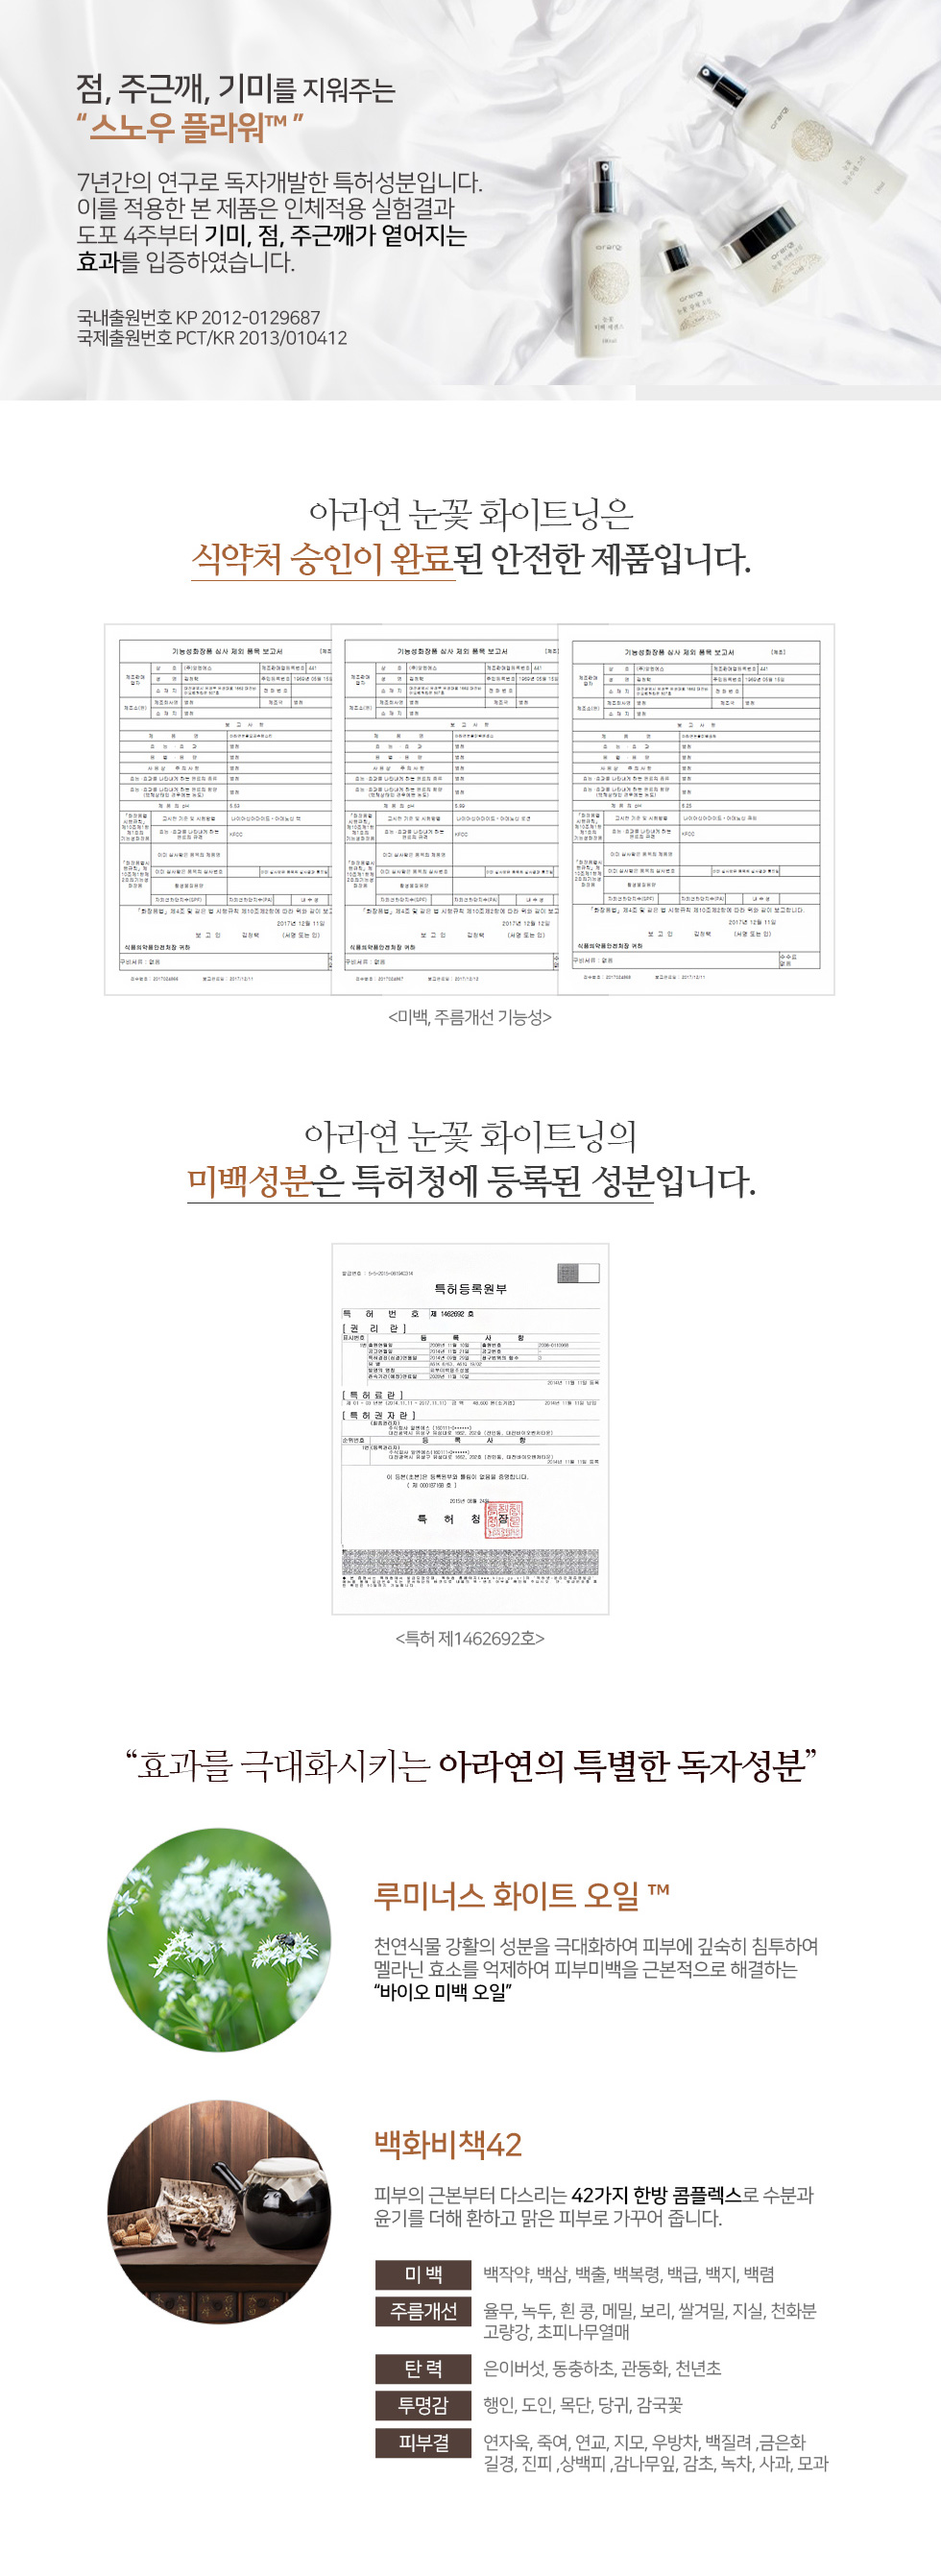 [아라연]-눈꽃-미백-기능성-4종세트_05.jpg